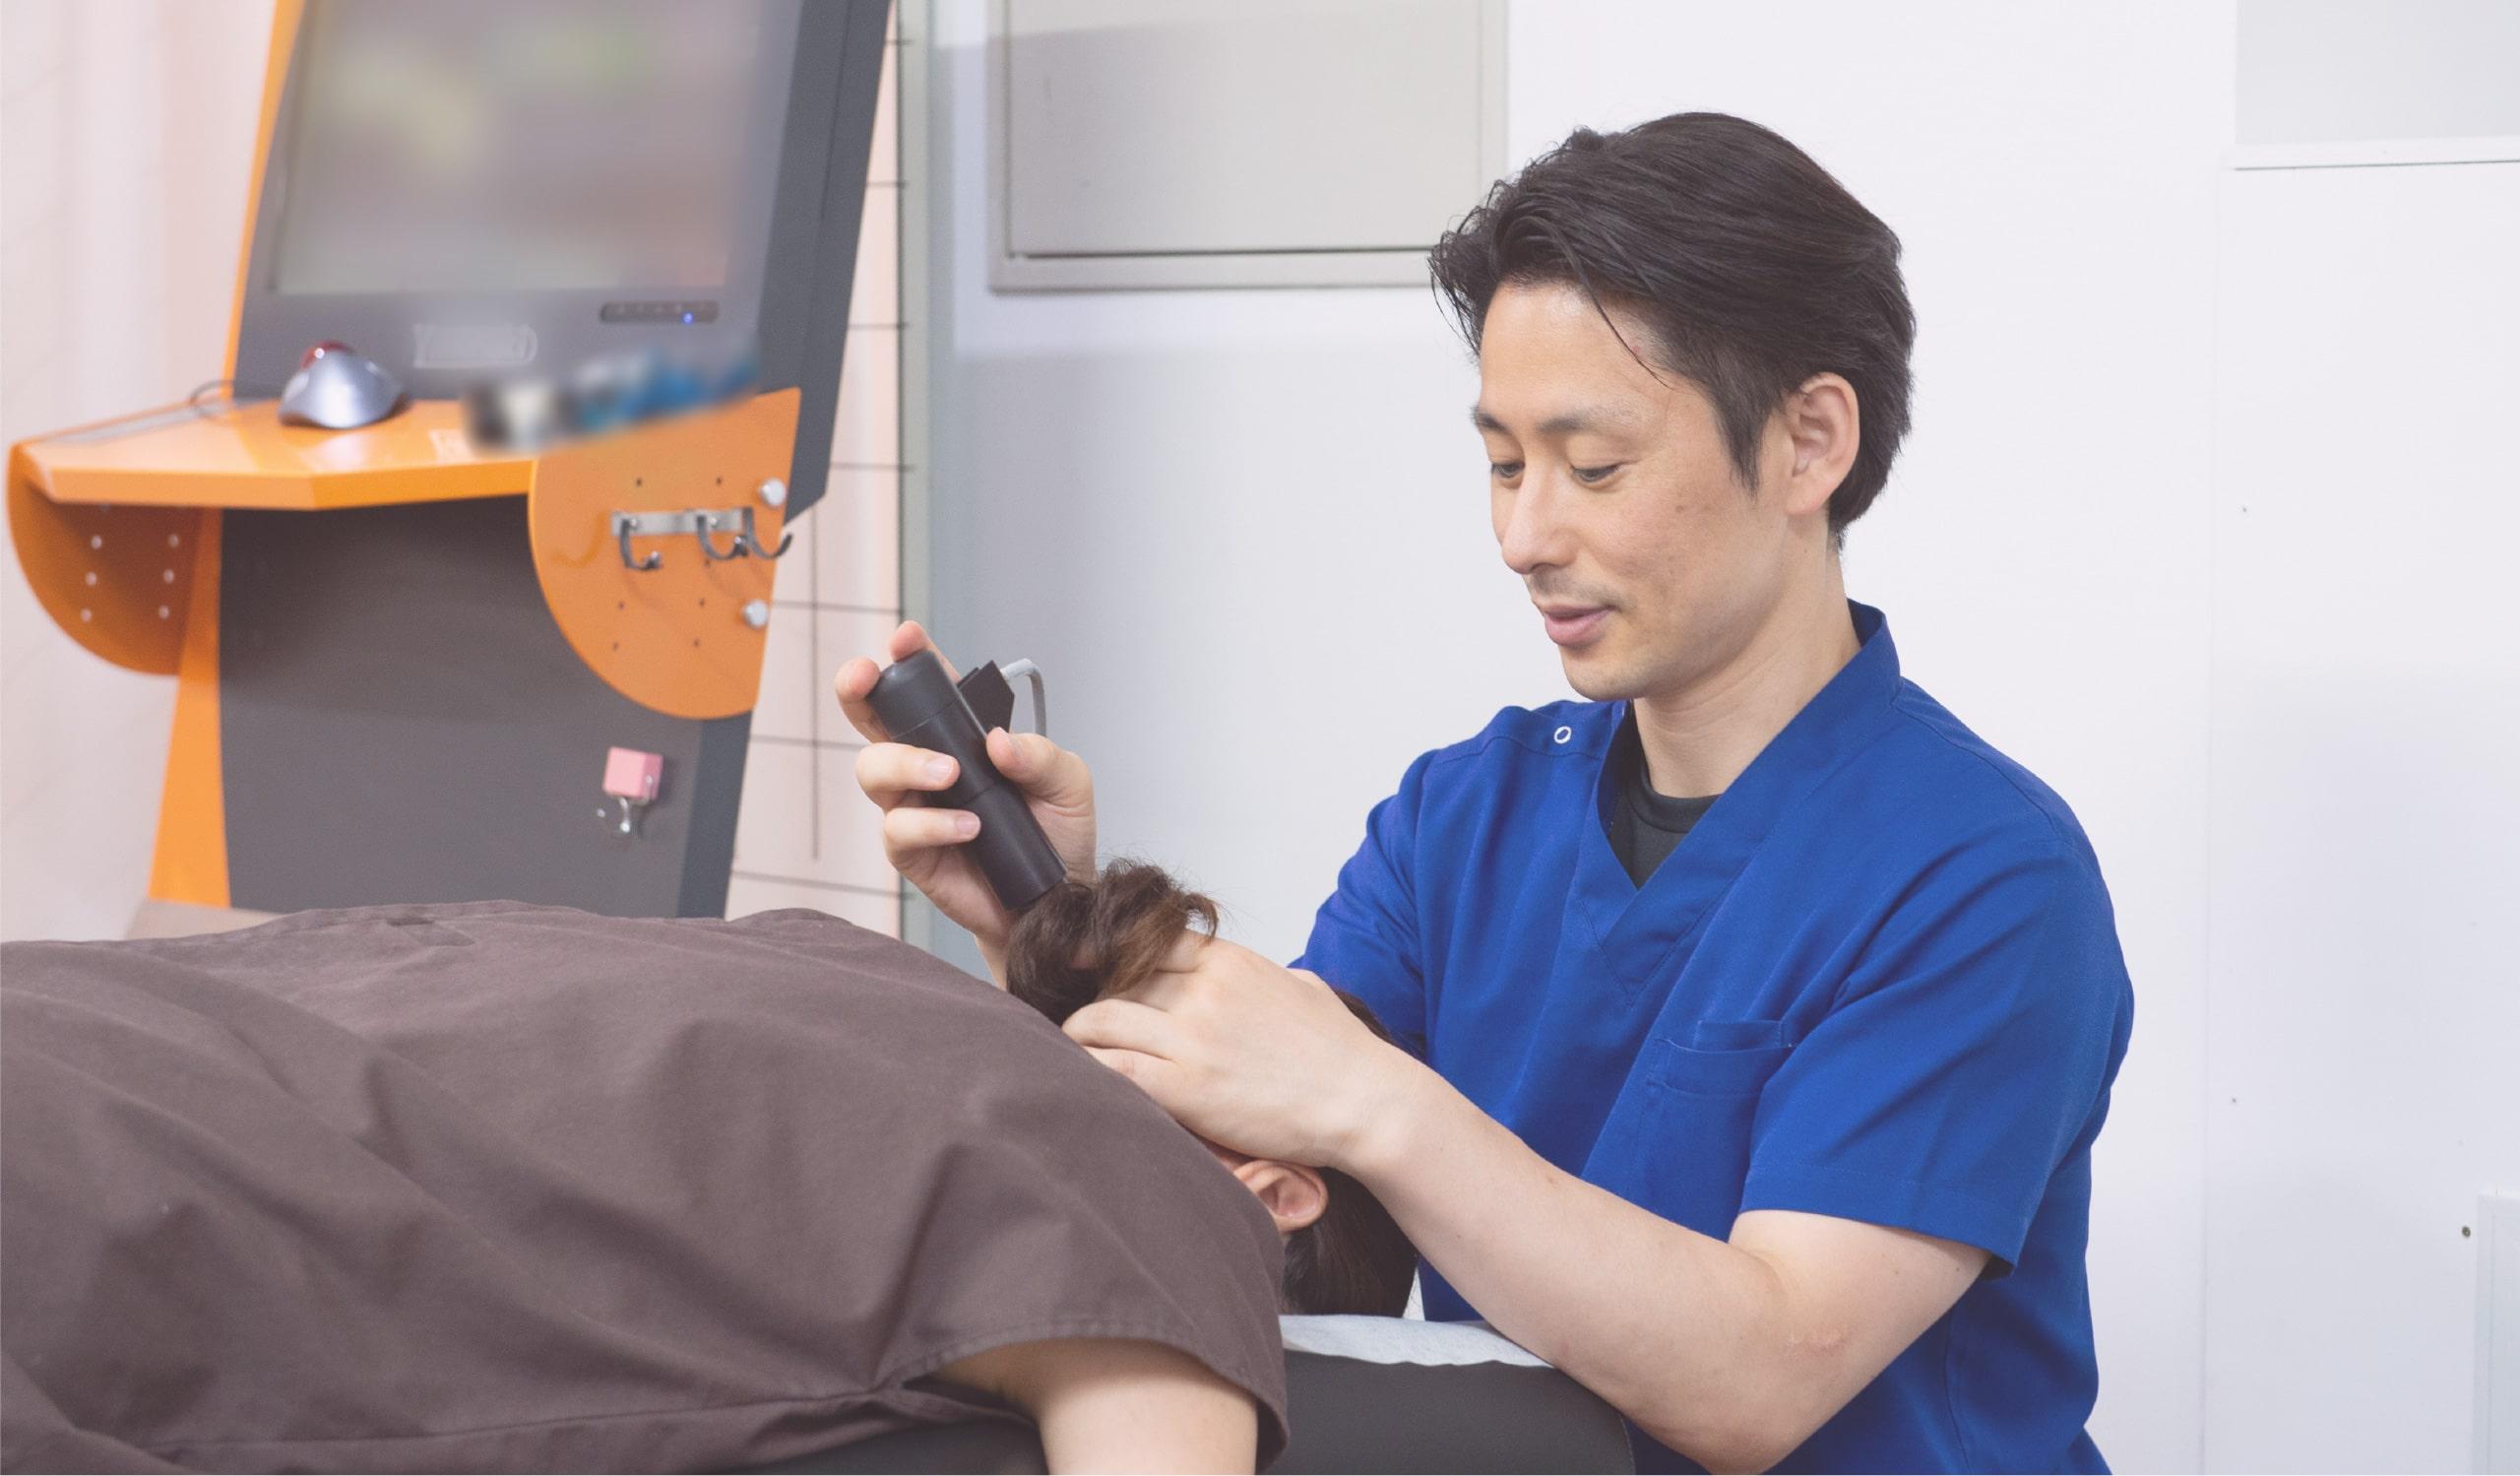 浦和の整骨院 身体のお悩みご相談ください。